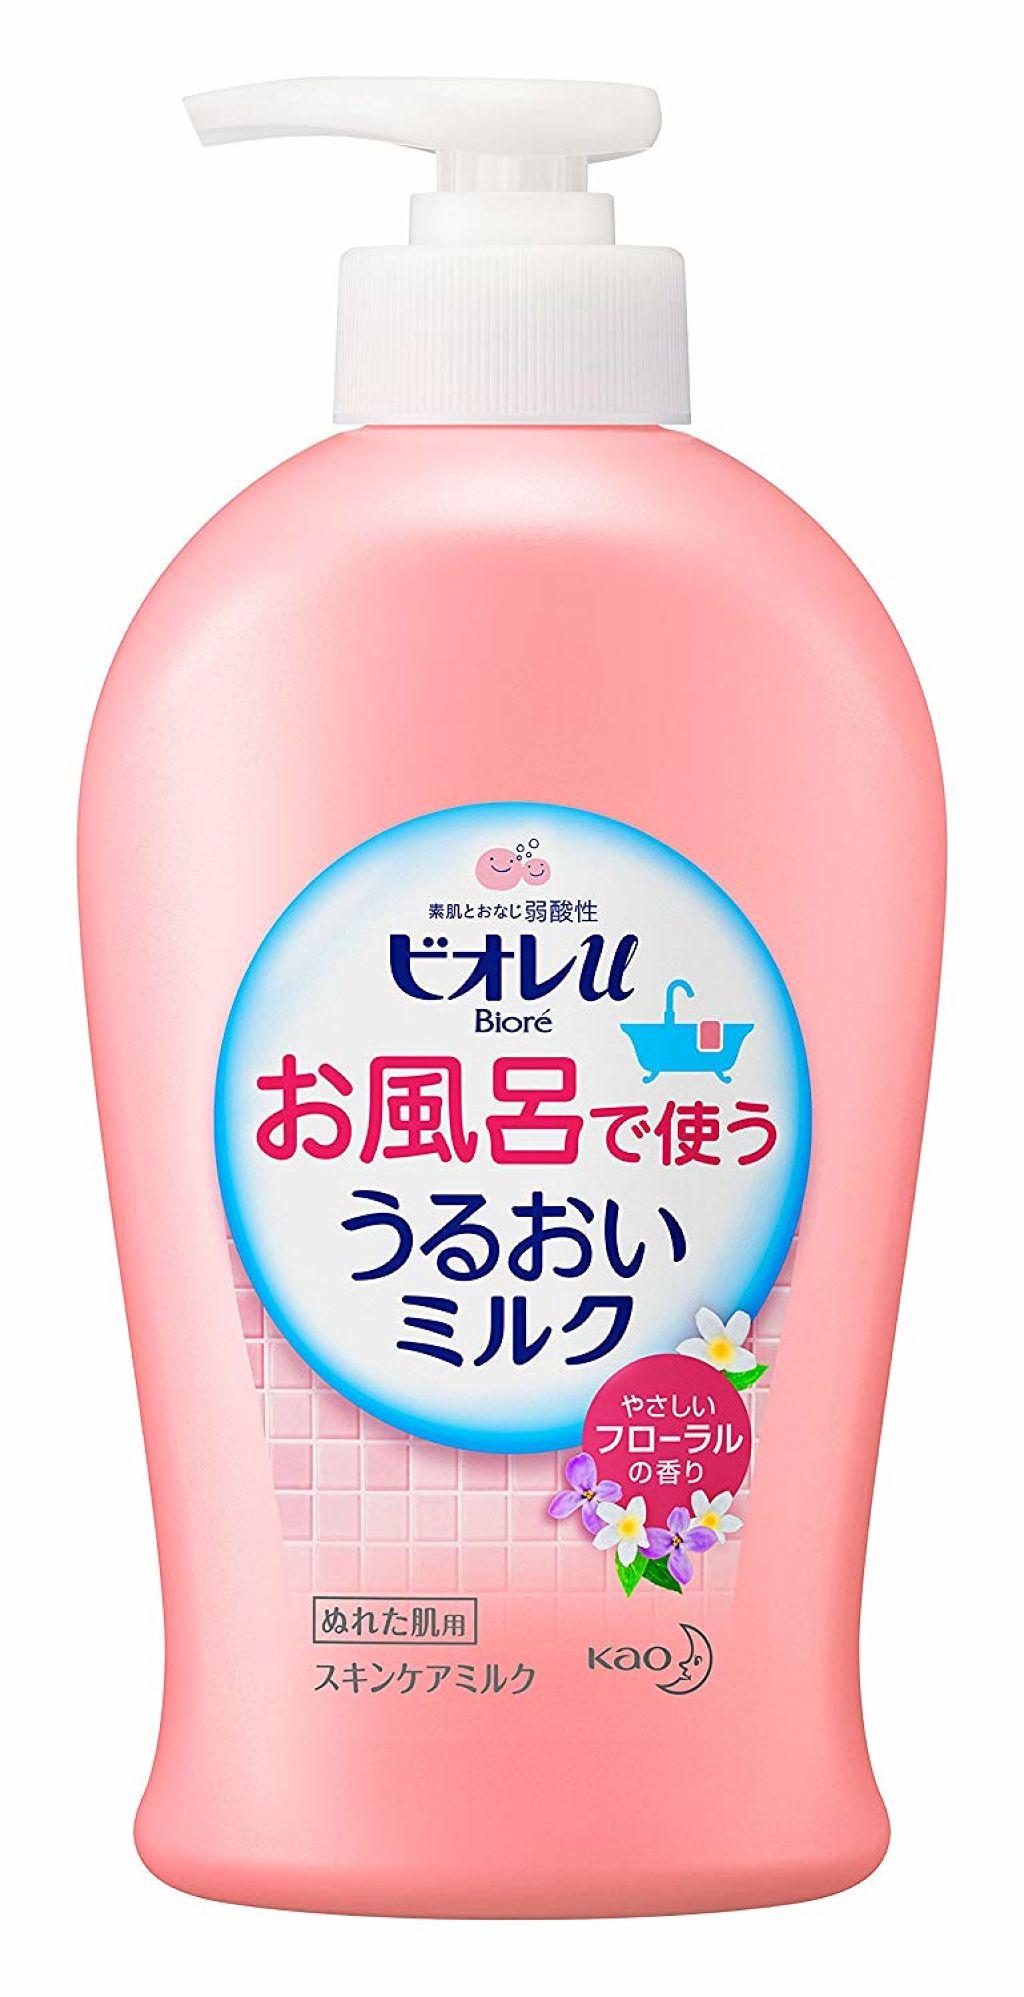 お風呂で使う うるおいミルク フローラル